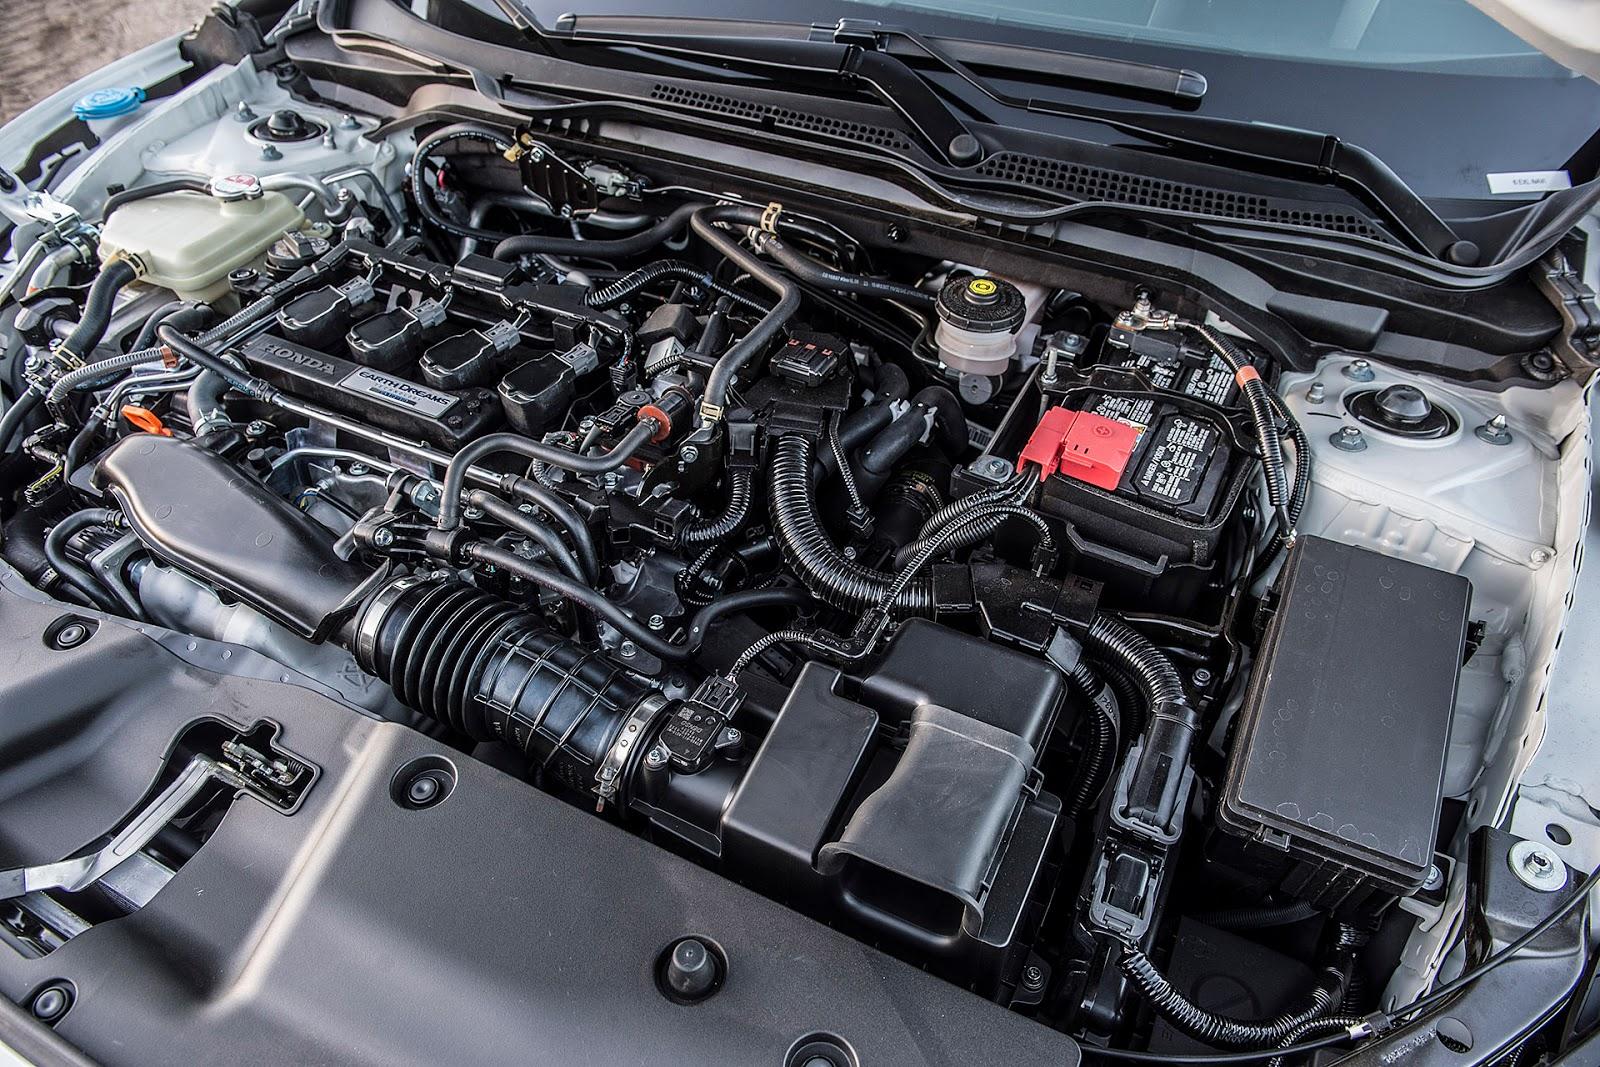 Khối động cơ V4 tăng áp, giúp xe nhanh, mạnh và tiết kiệm nhiên liệu